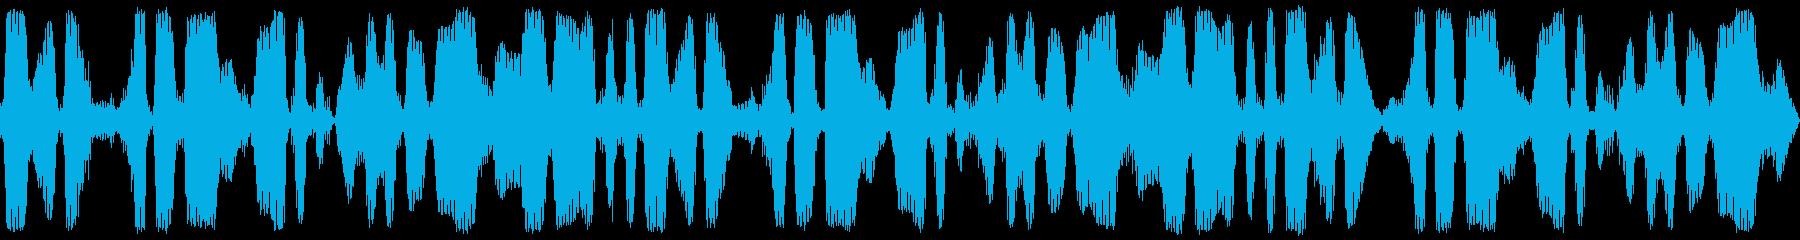 ループ再生可能!3分間の鈴虫・環境音の再生済みの波形